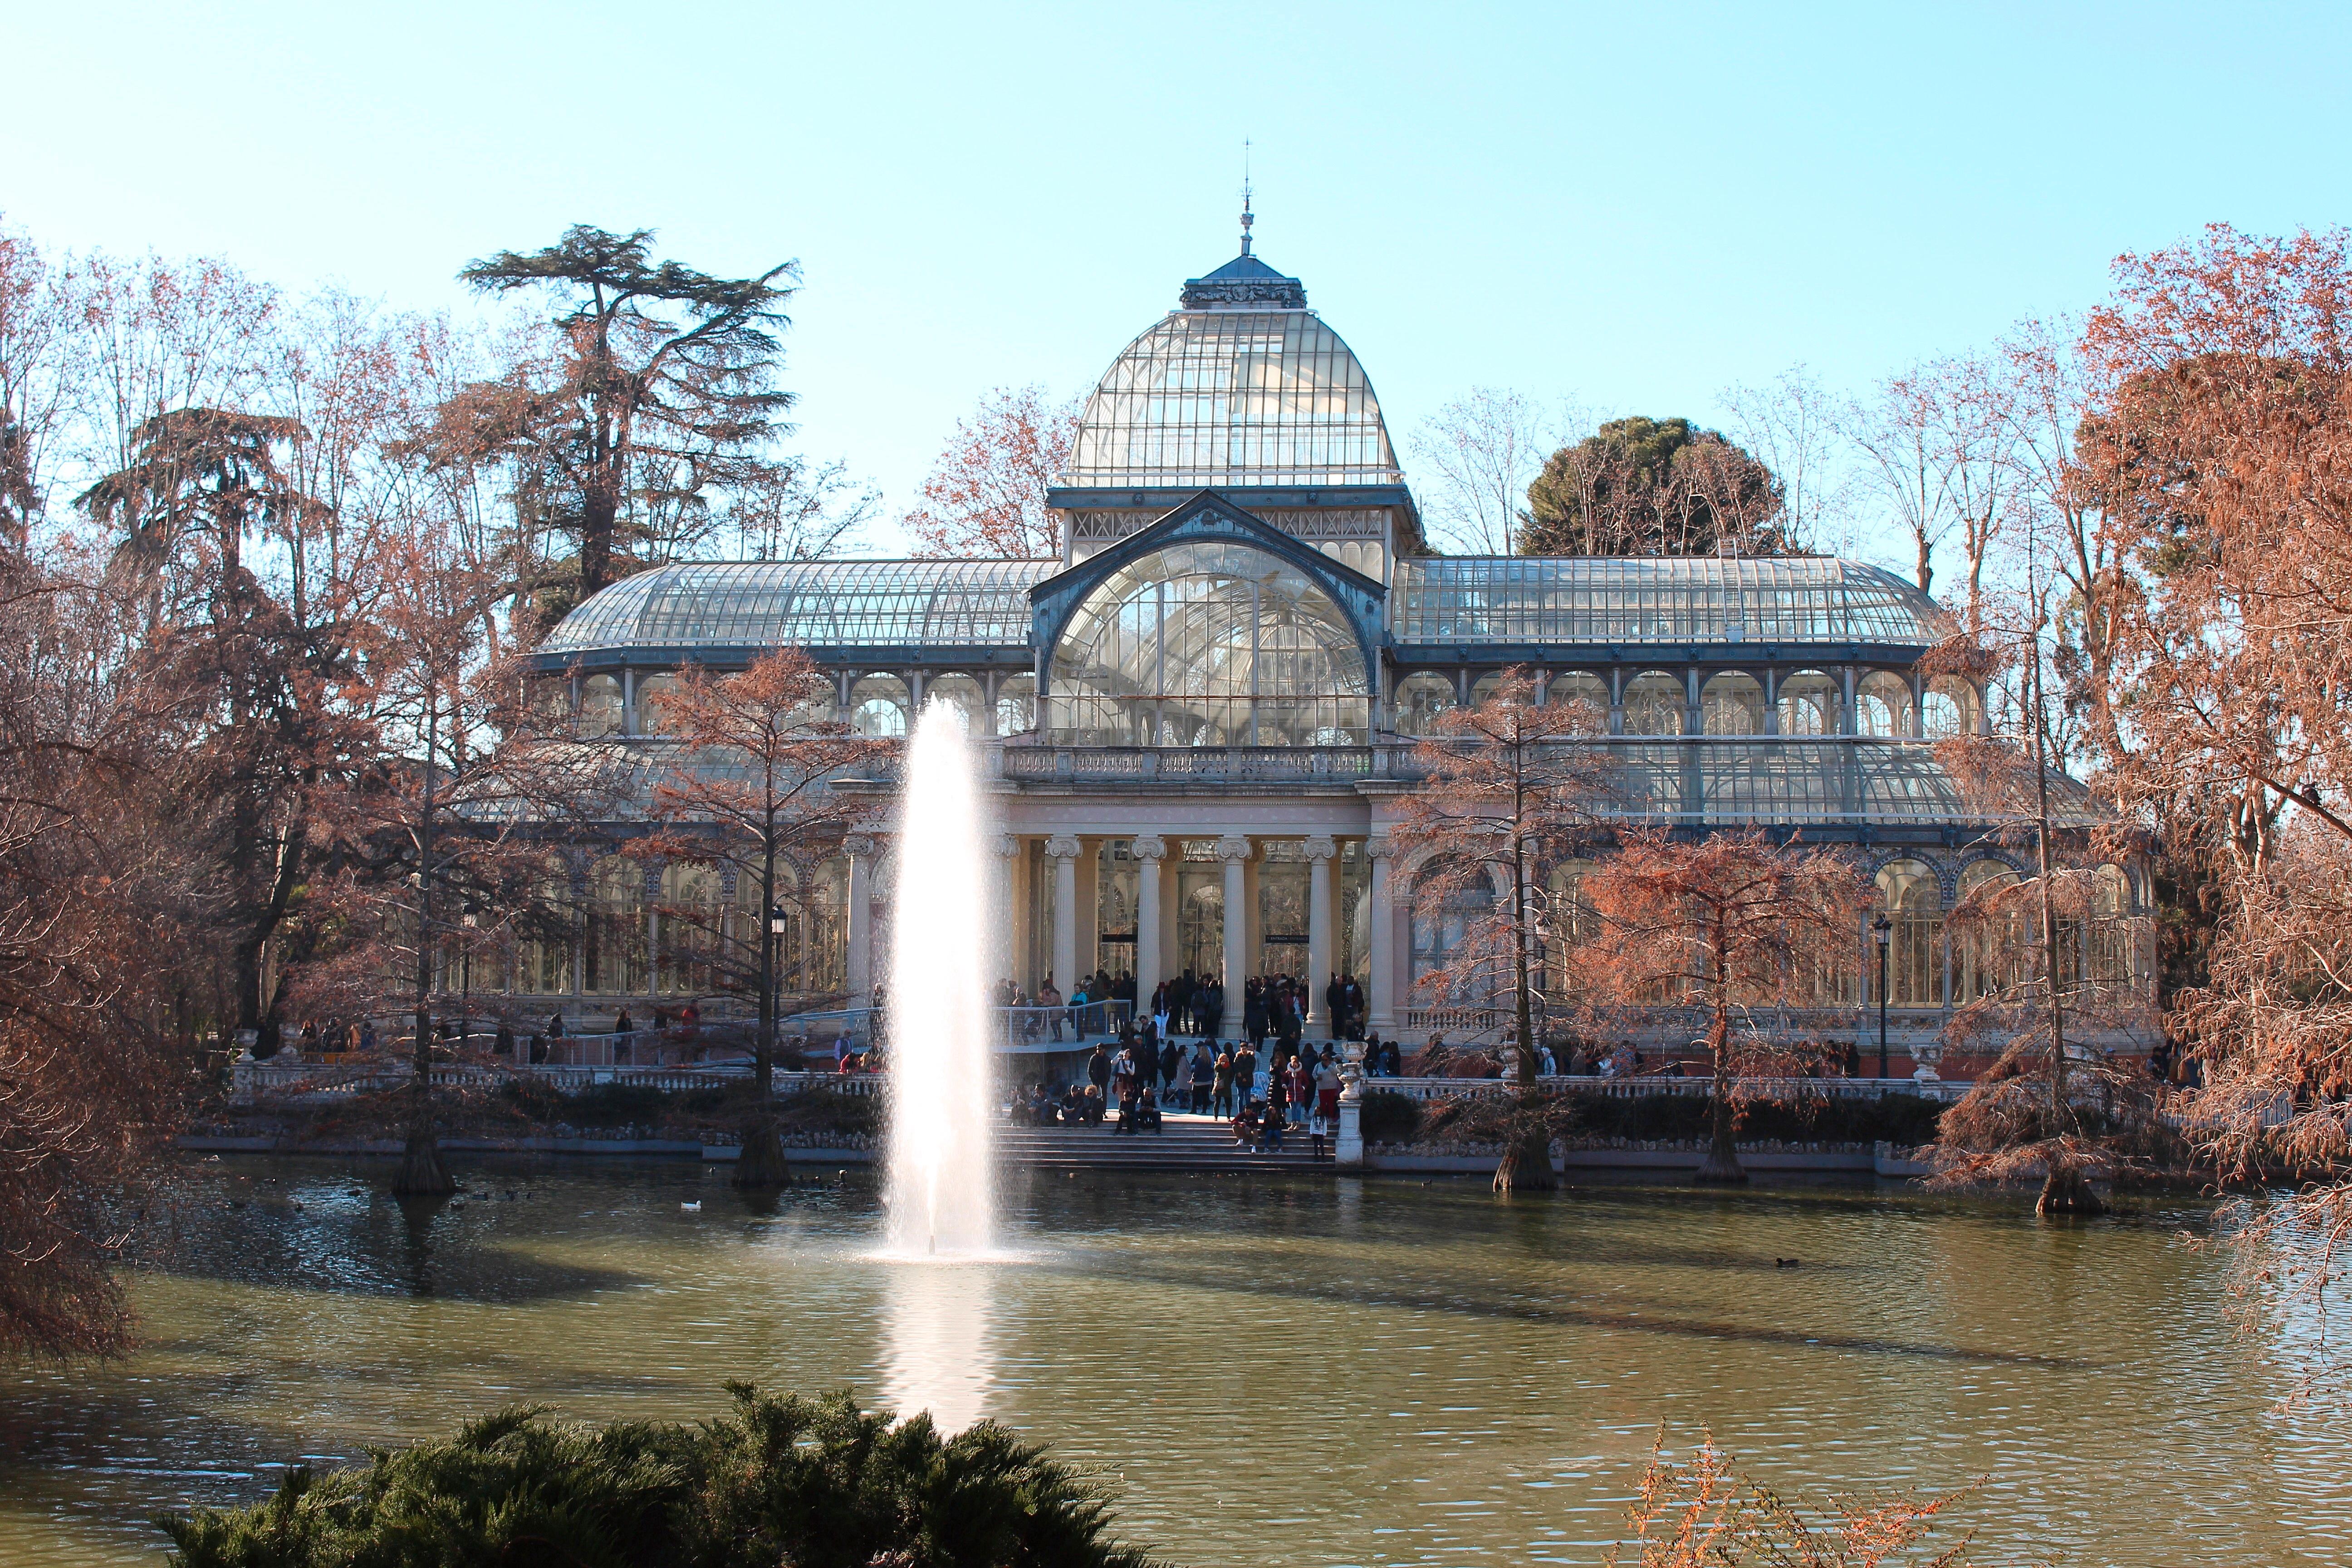 Palacio de Cristal, l'edificio più bello del parco